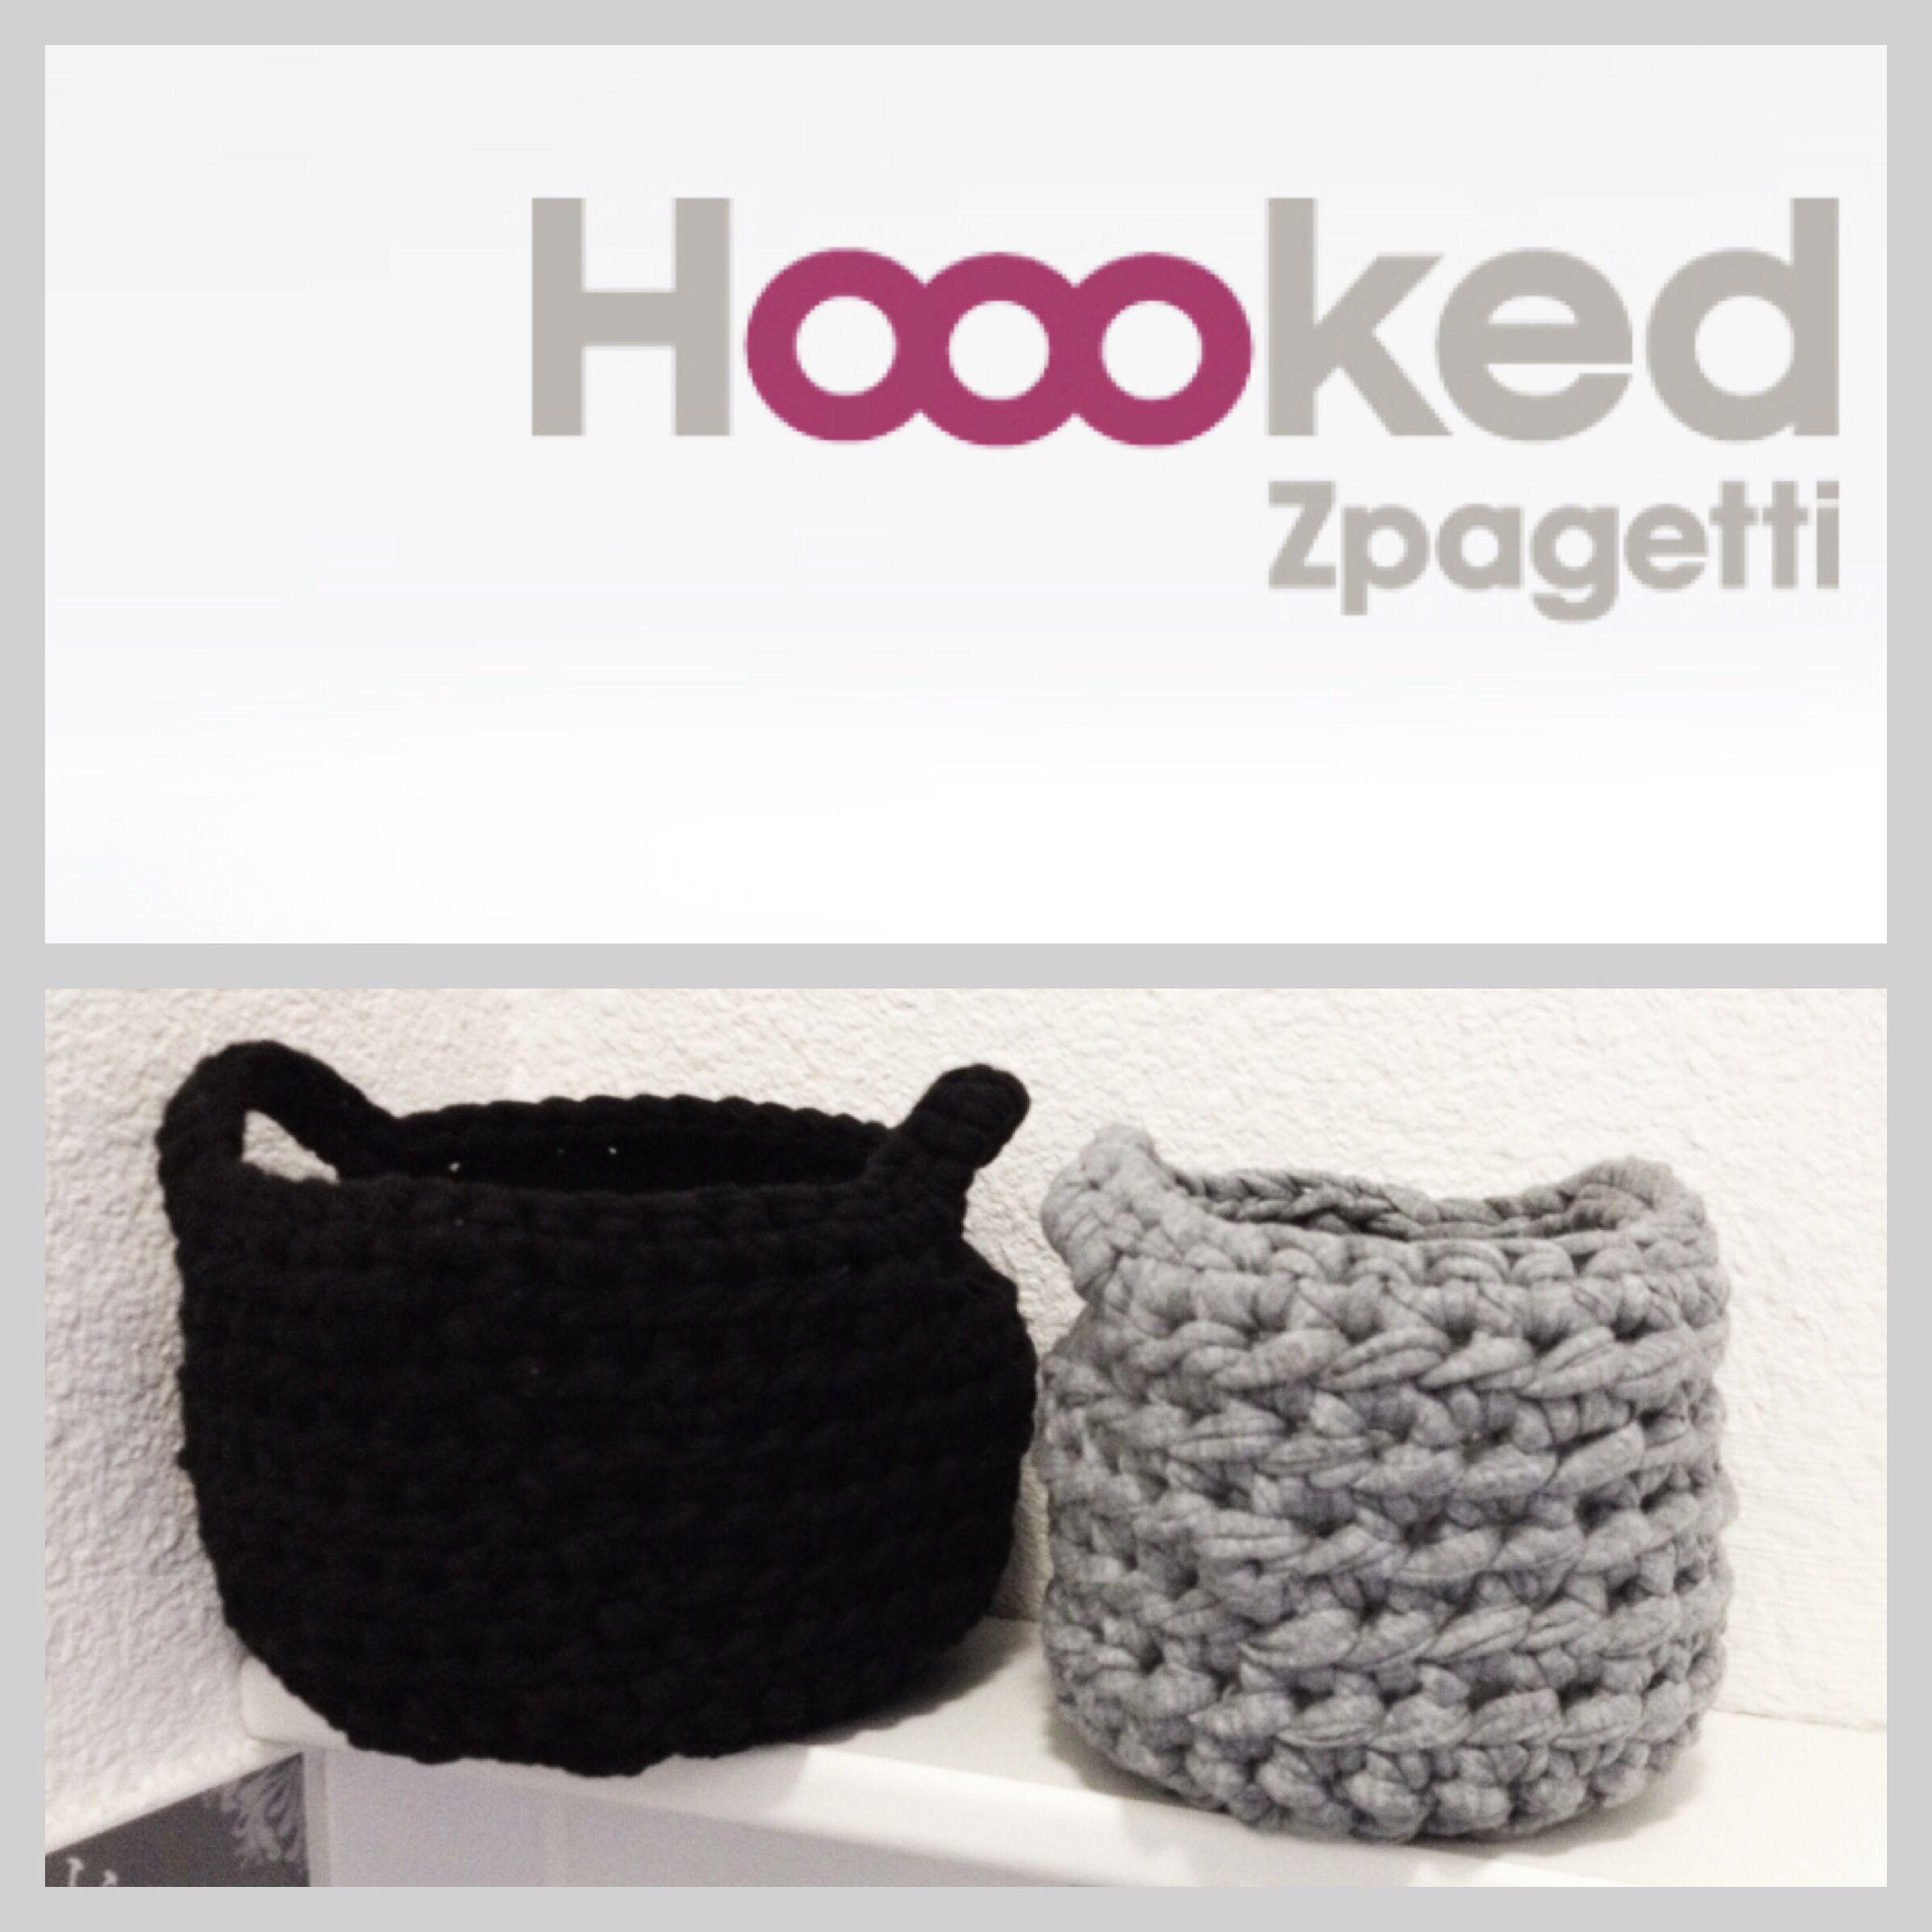 Diy Mandjes Haken Baskets Chrochet Hoooked Zpagetti Haaknaal